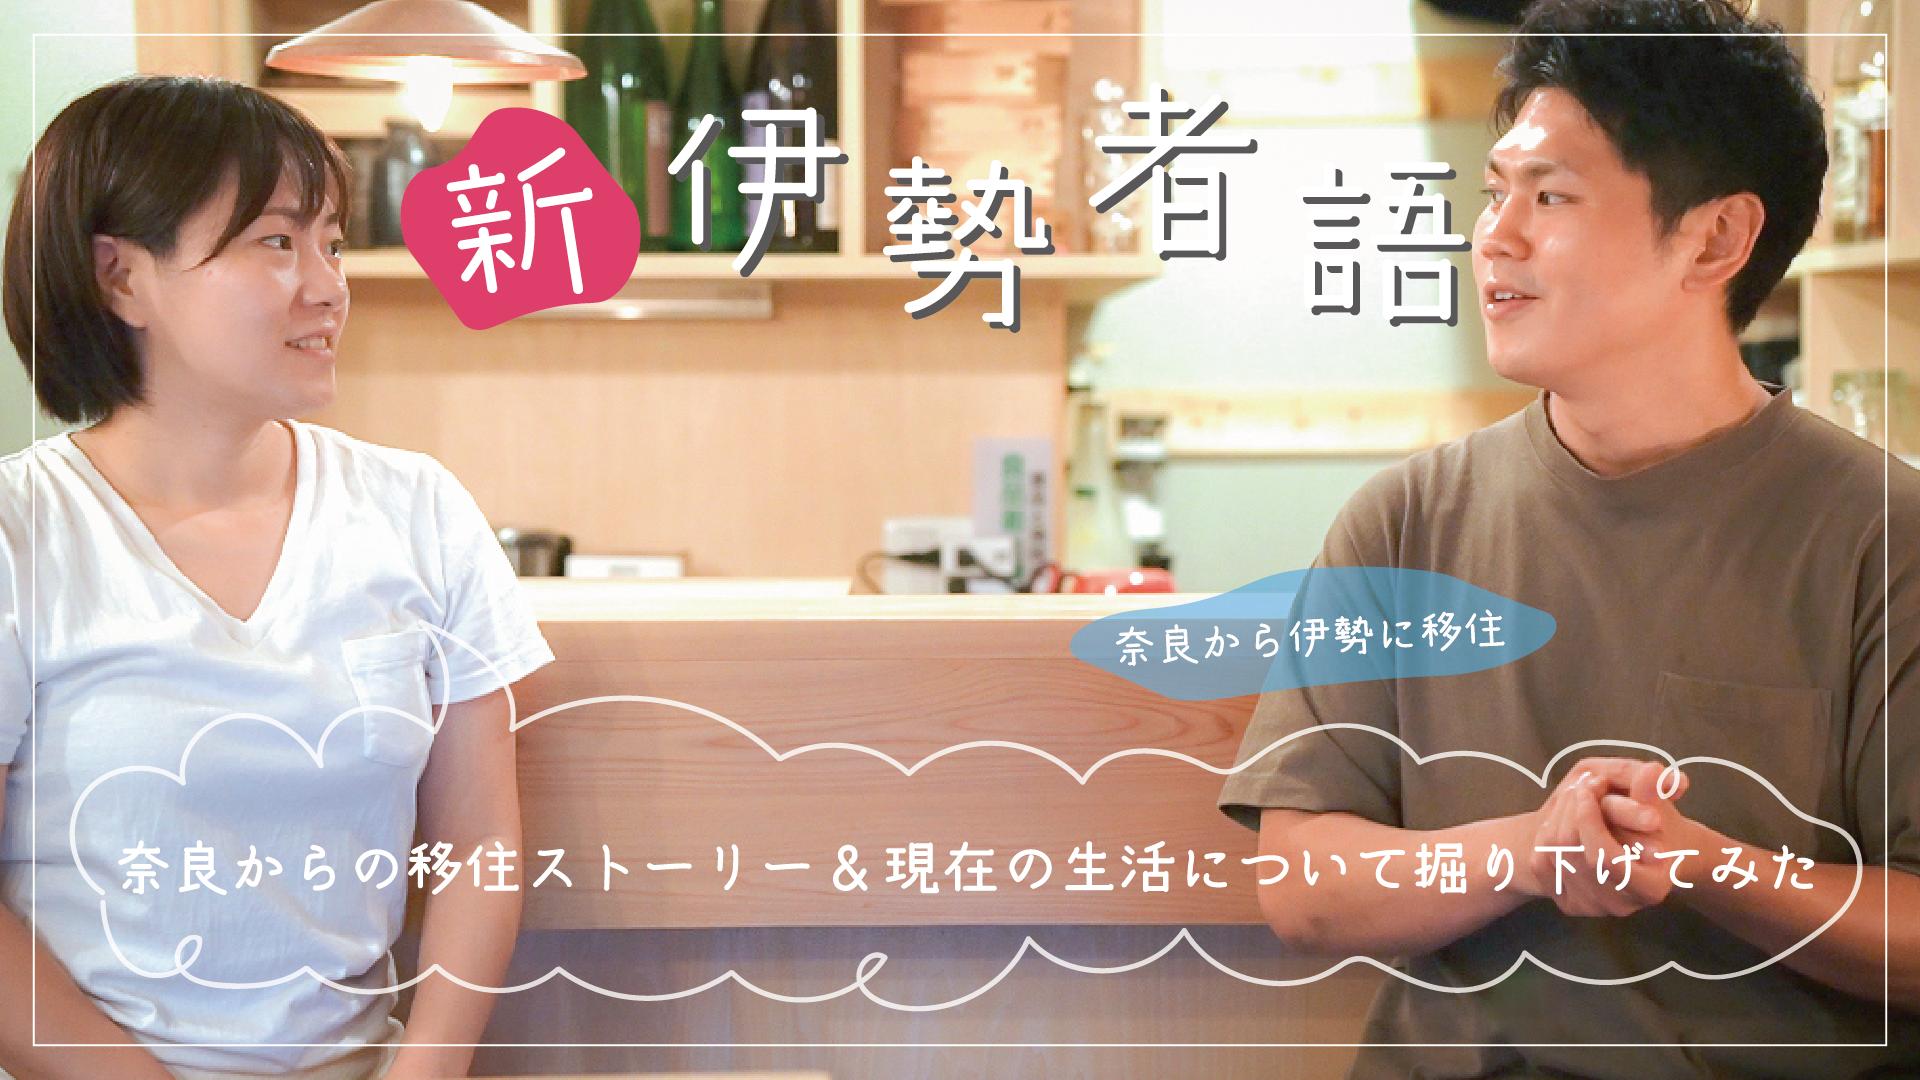 伊勢移住PR動画 『新・伊勢者語(第4弾・Iターン編)』が公開されました_写真1